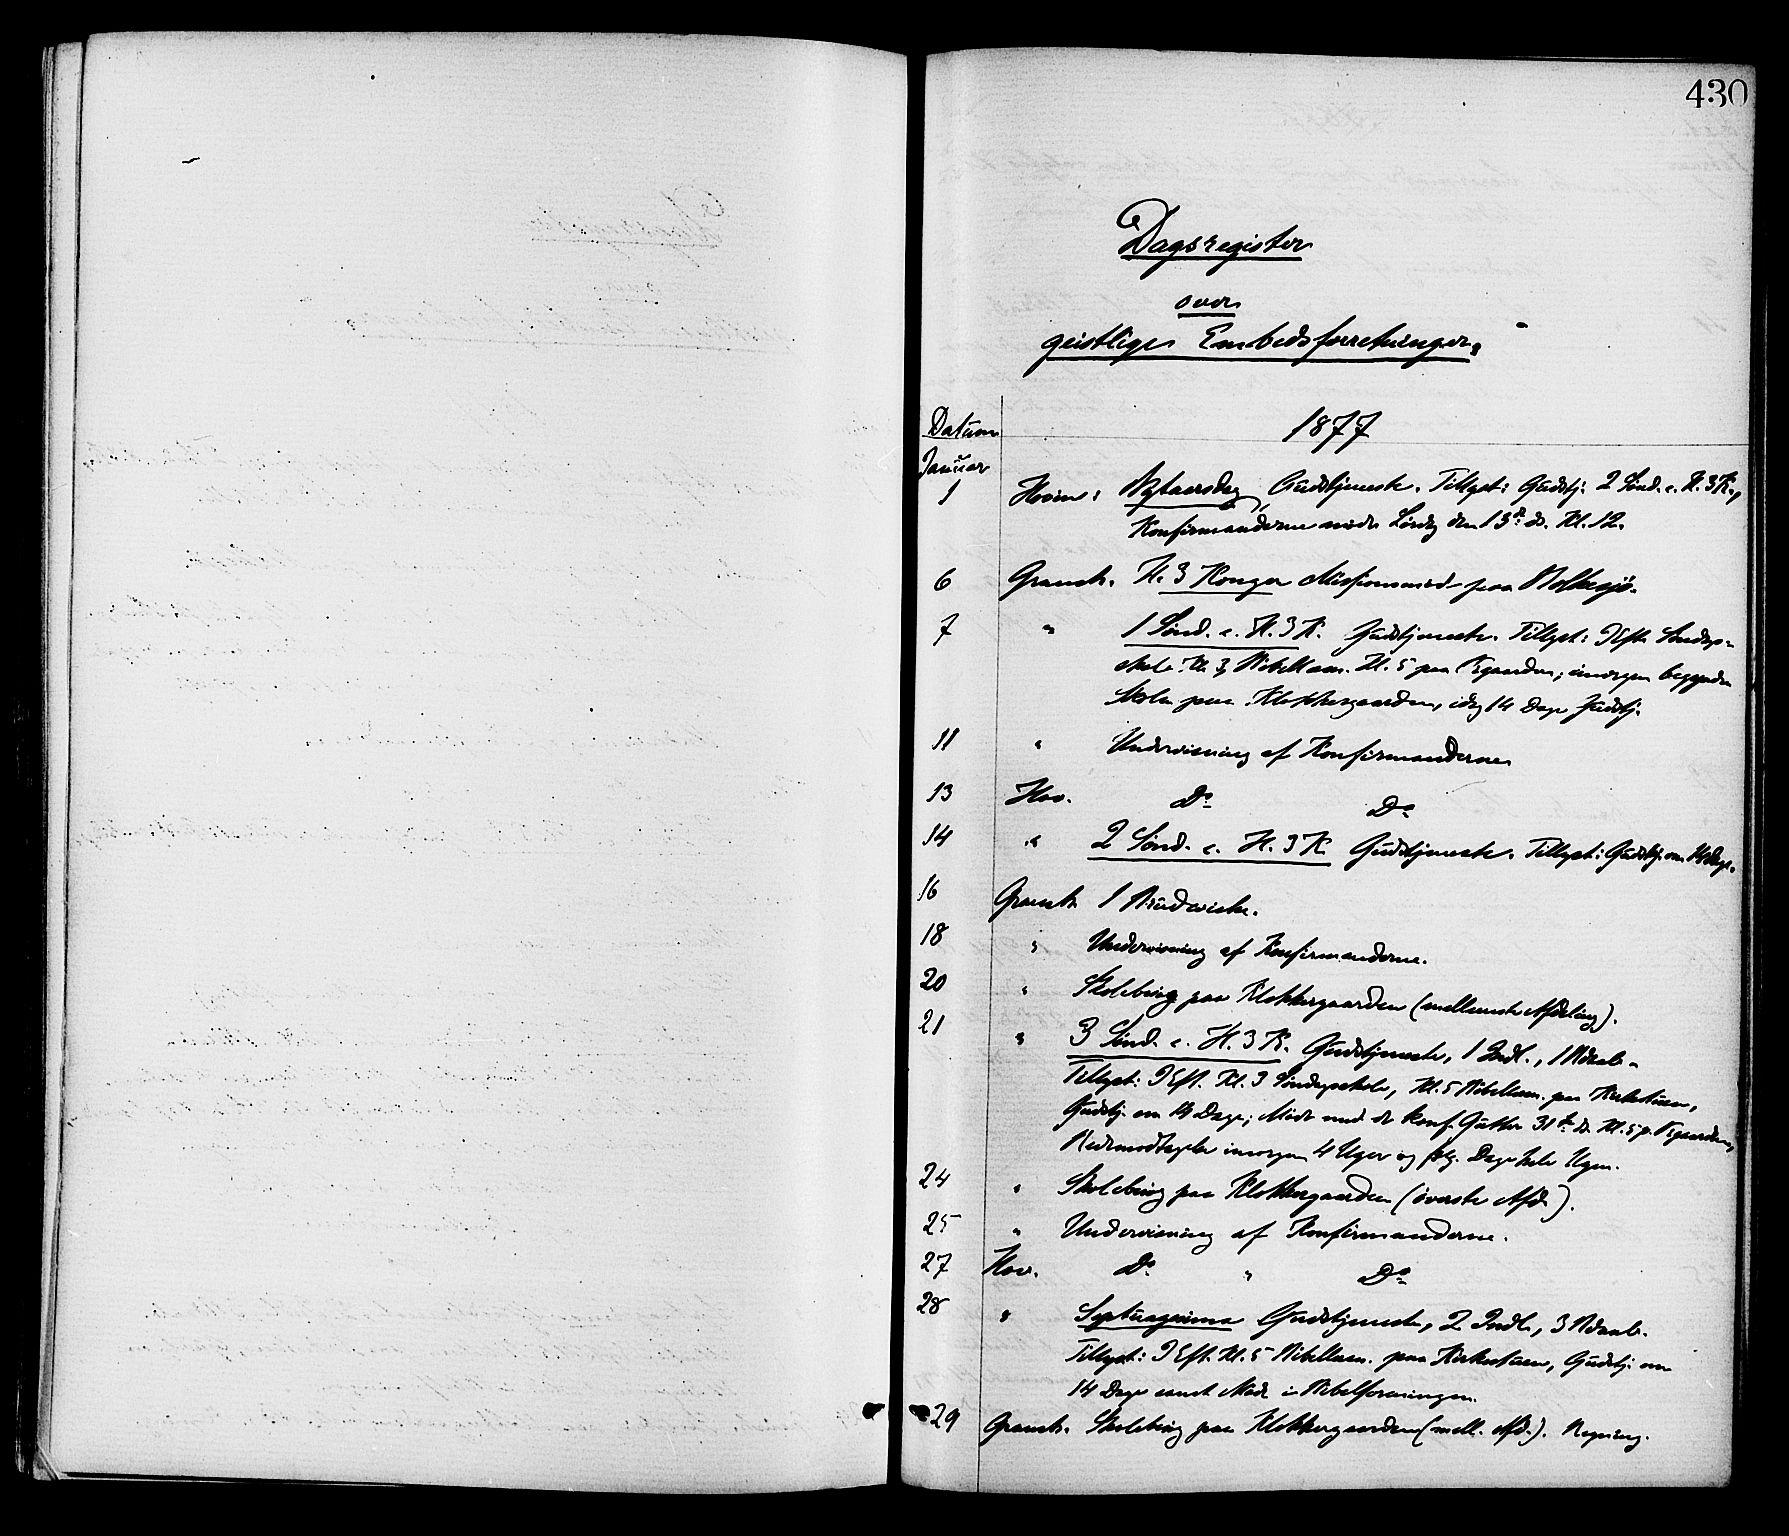 SAKO, Gransherad kirkebøker, F/Fa/L0004: Ministerialbok nr. I 4, 1871-1886, s. 430